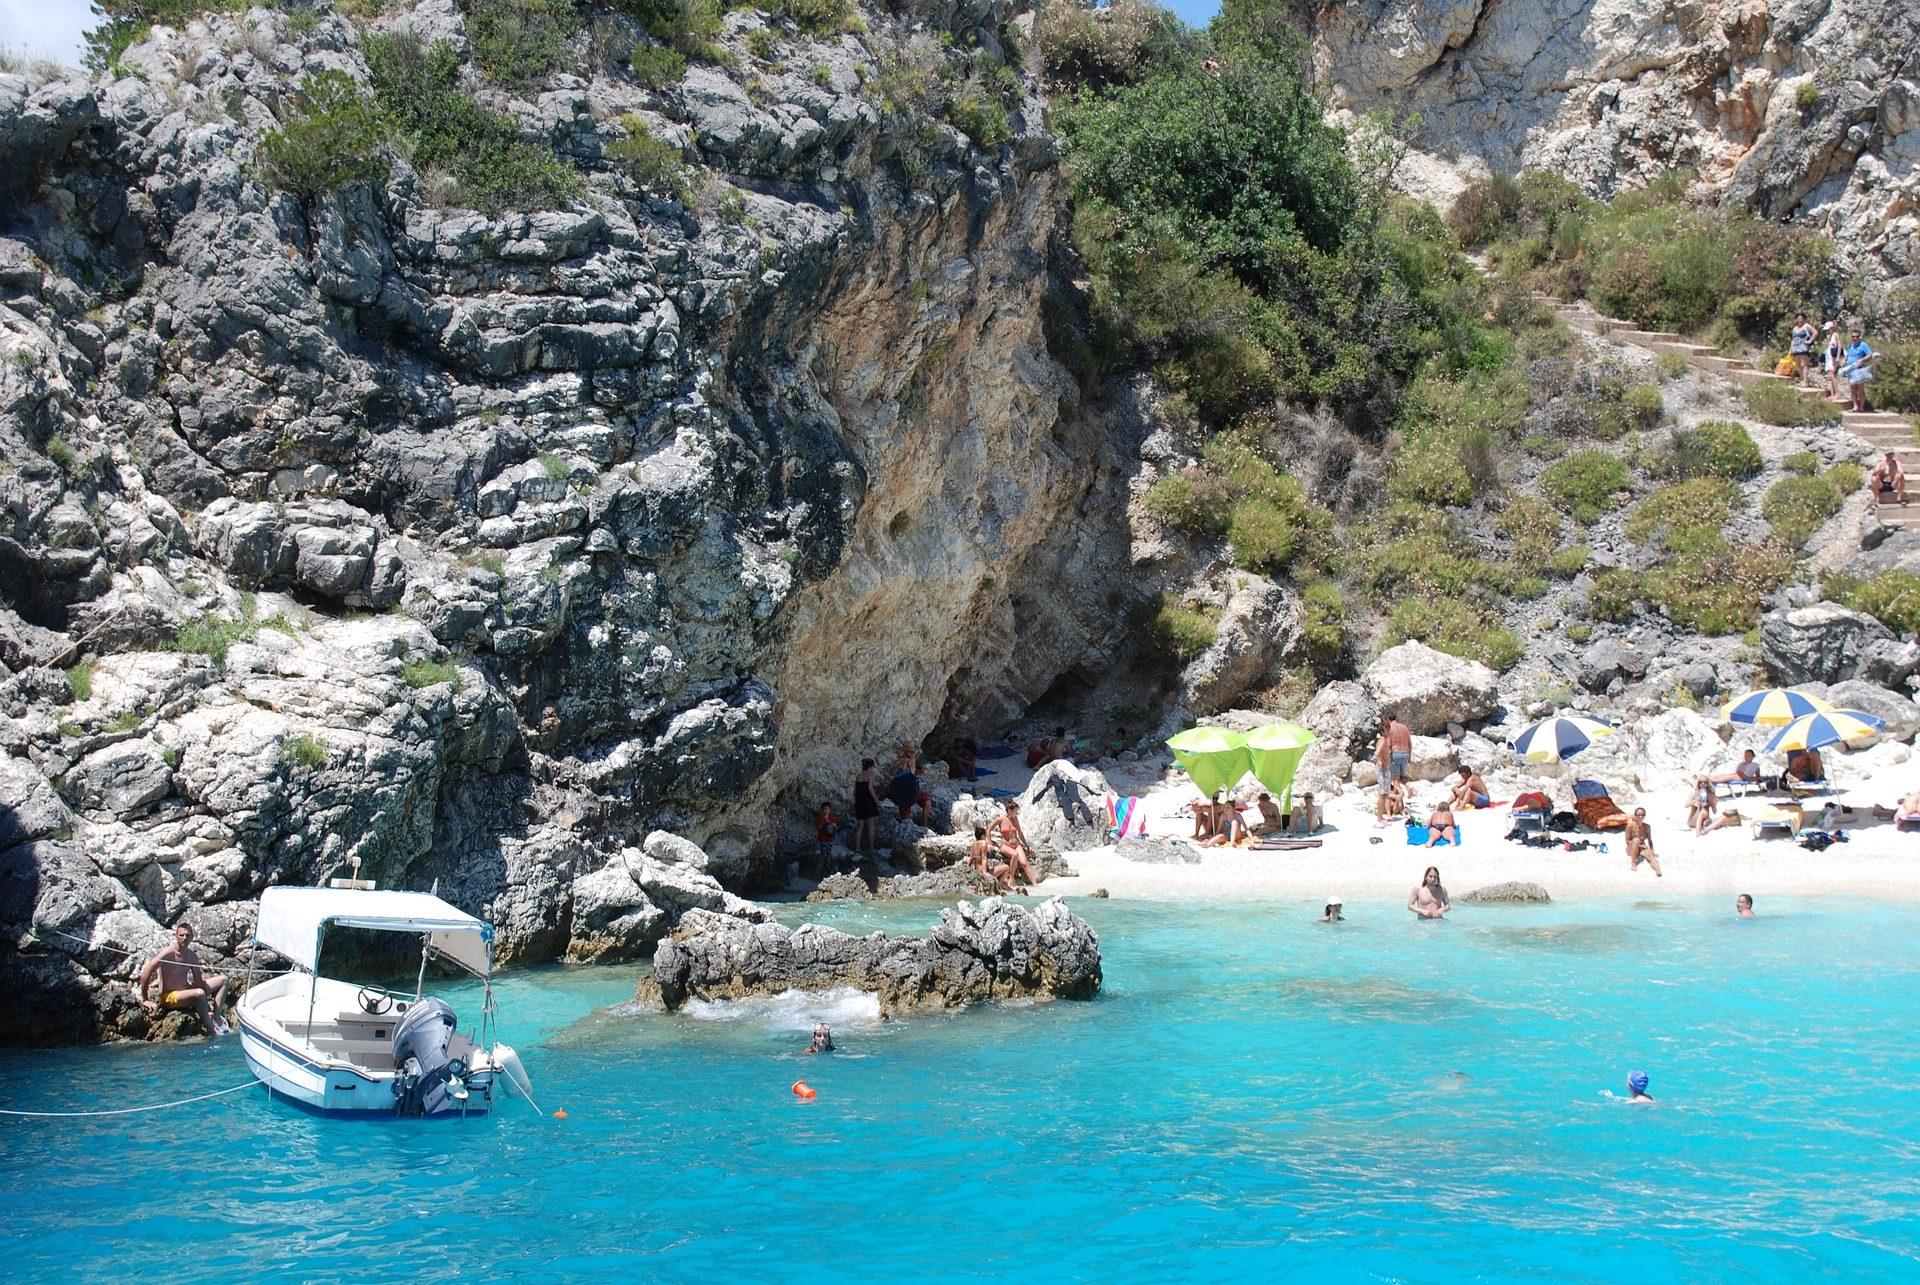 Plage, Costa, pierres, Falaise, Tourisme, Turquoise, Agiofili, Grèce - Fonds d'écran HD - Professor-falken.com